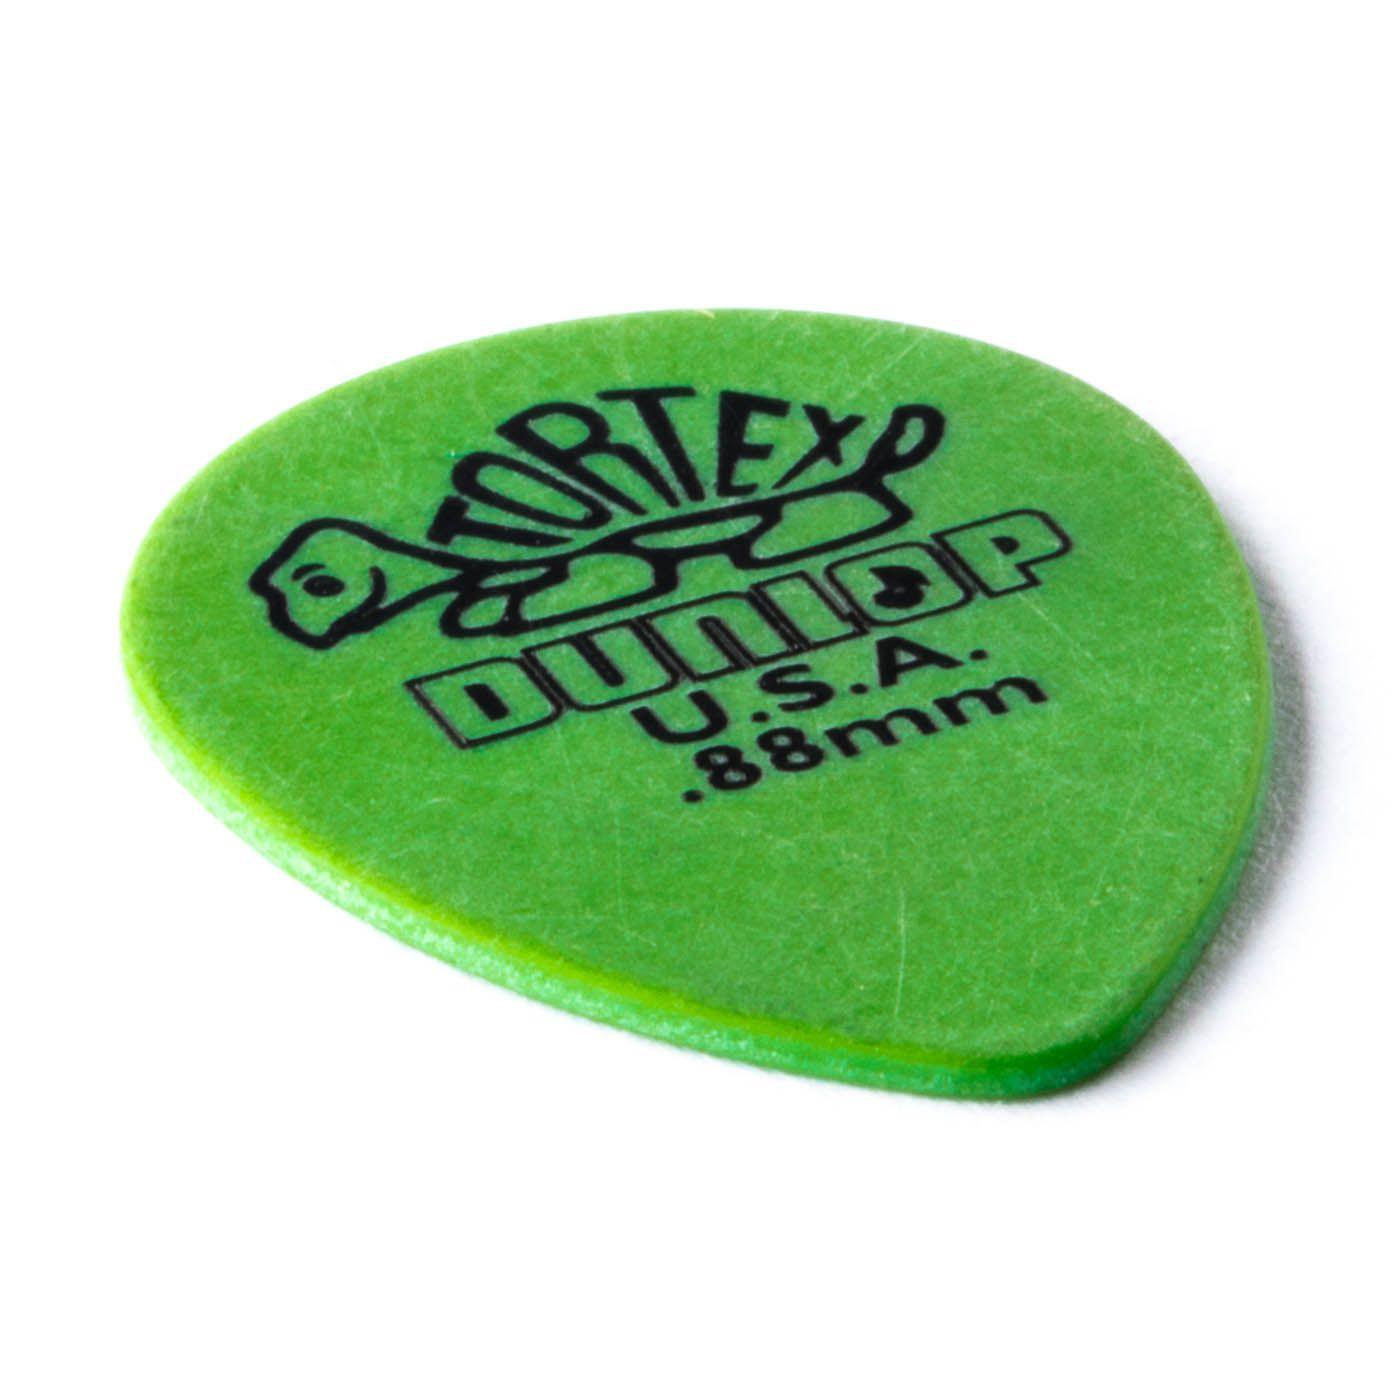 Palheta Dunlop TORTEX SMALL TEARDROP 0.88MM - VERDE